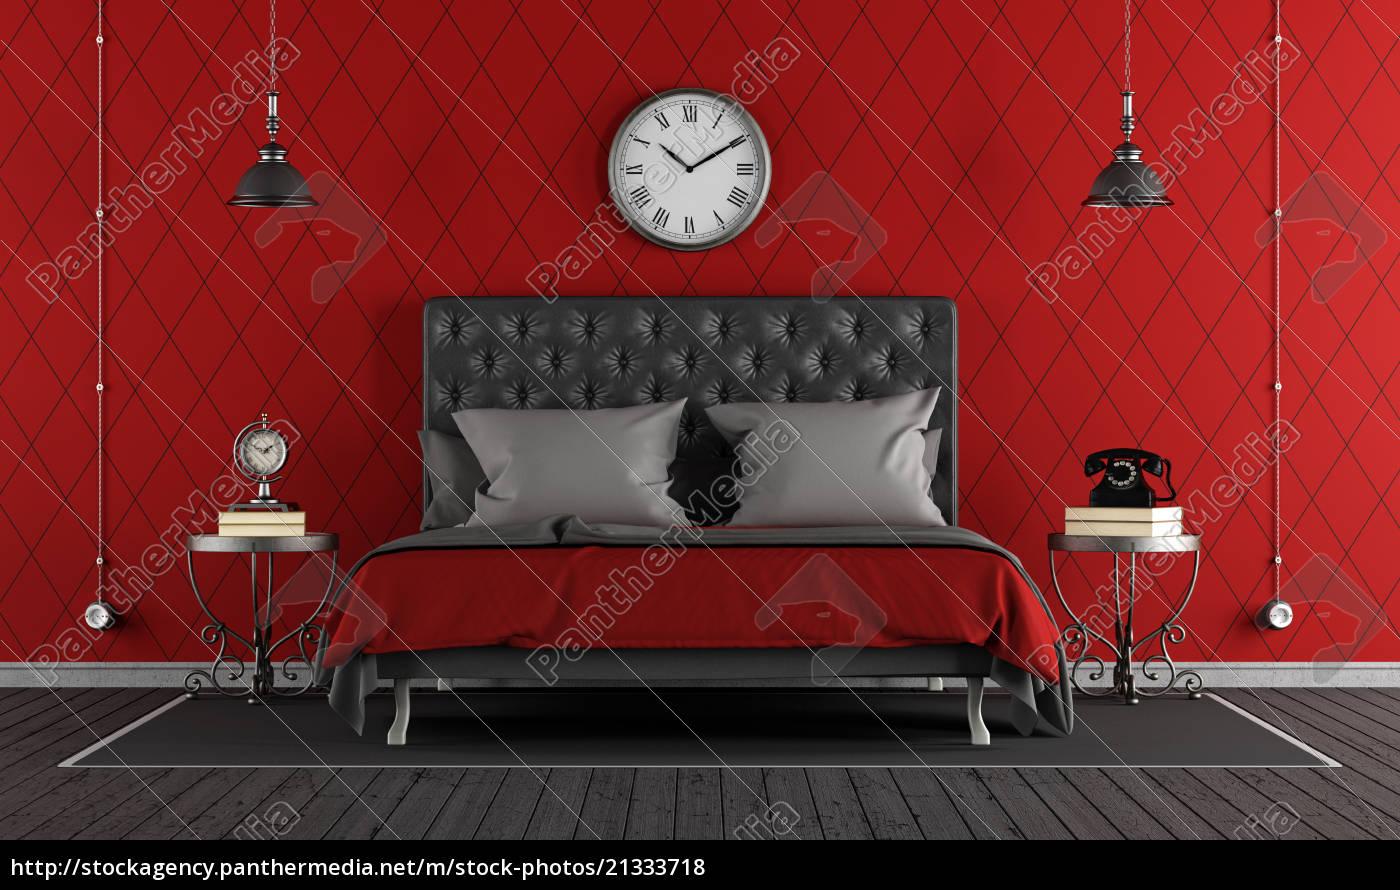 Stock Bild 21333718 - schwarzes und rotes klassisches schlafzimmer